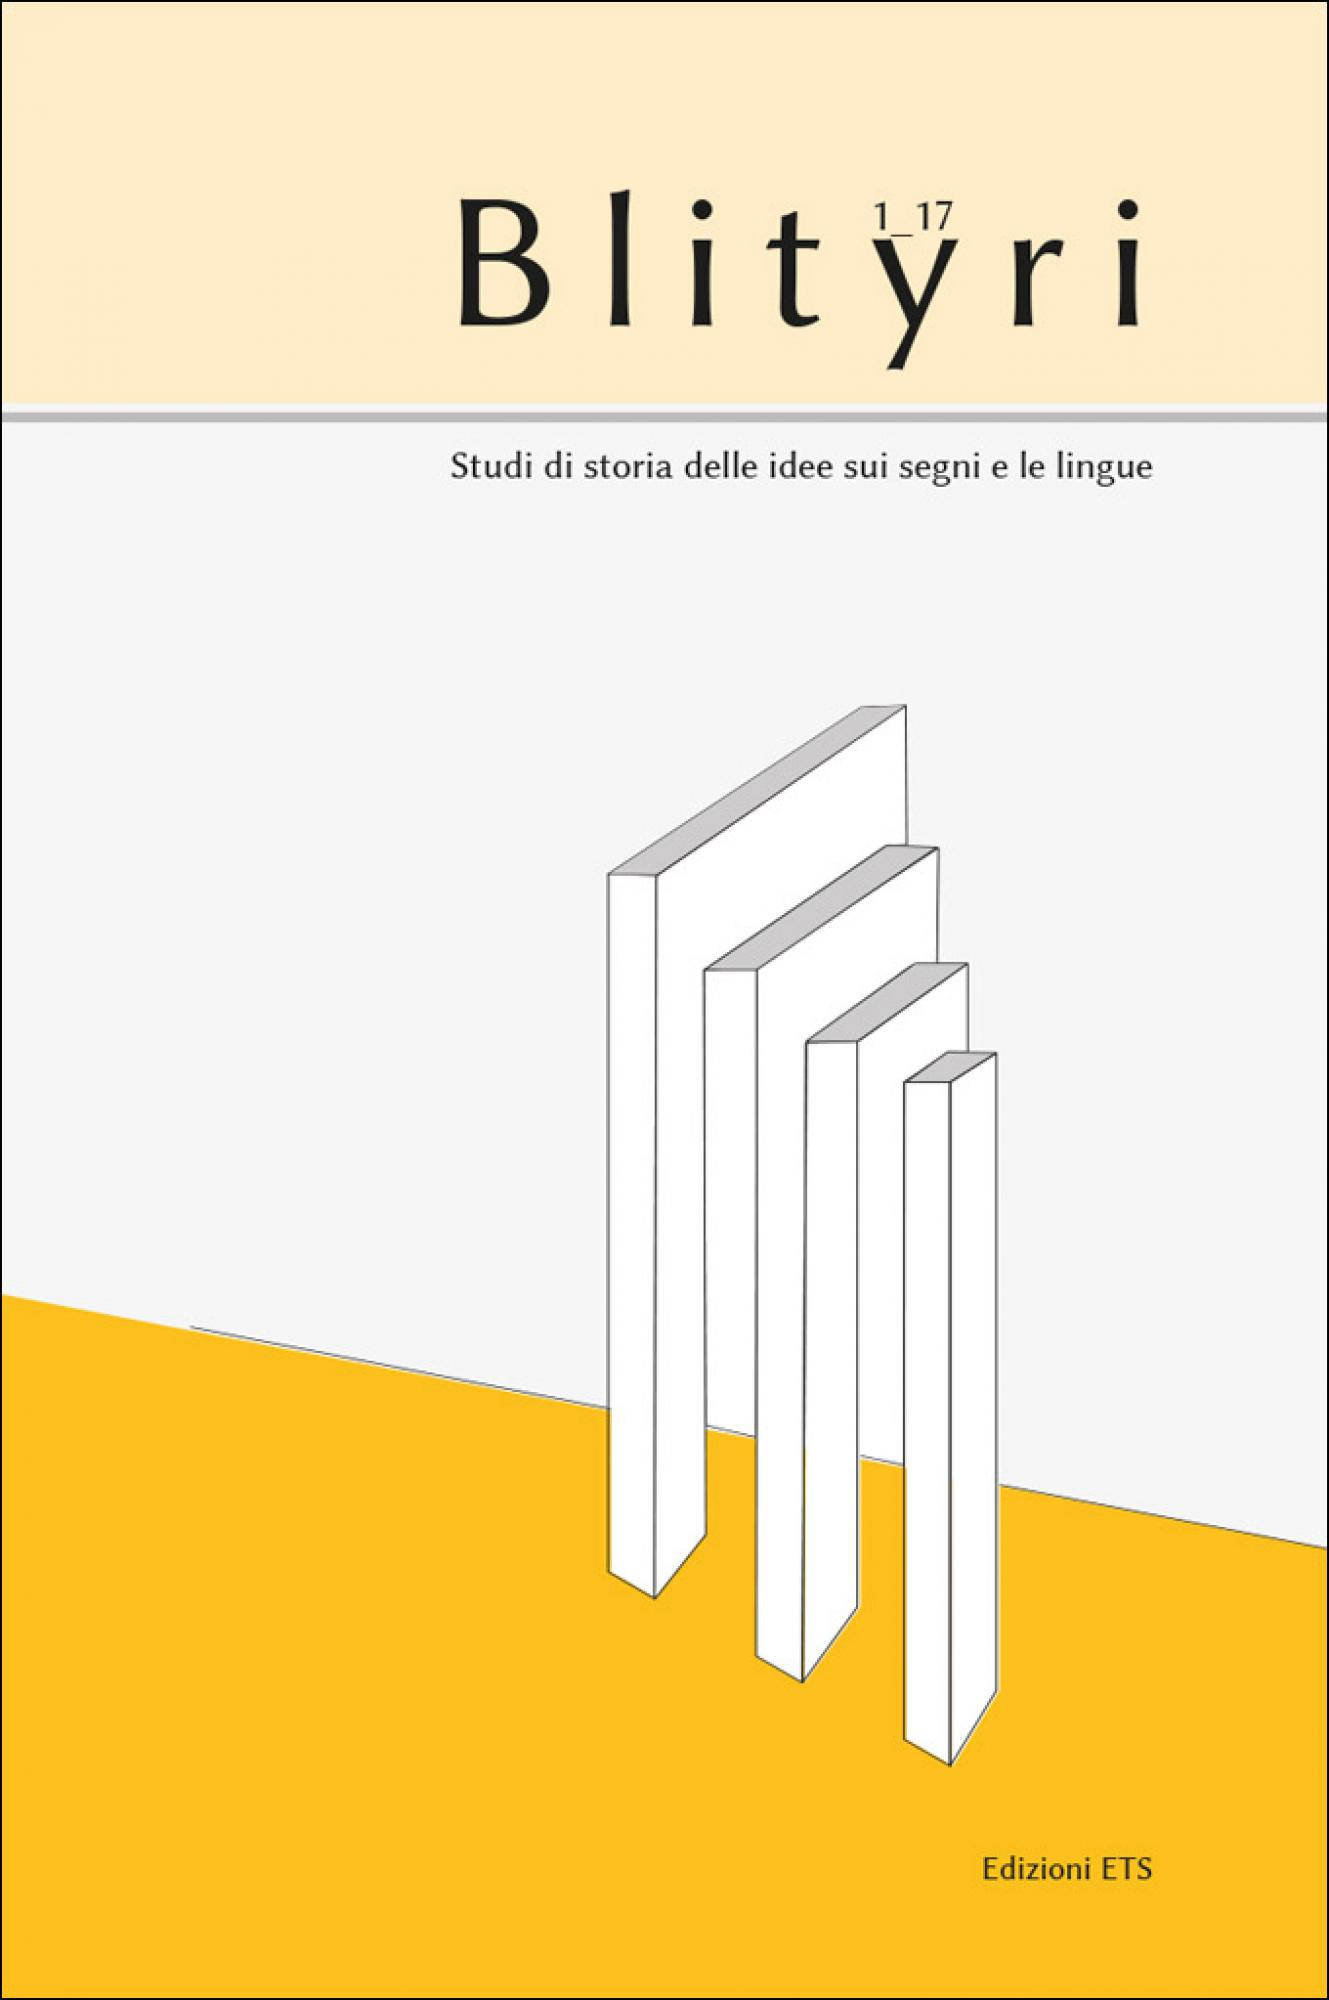 Blityri, VI, 1, 2017.Saussure e i suoi interpreti italiani. Antonino Pagliaro, la scuola romana e il contesto europeo